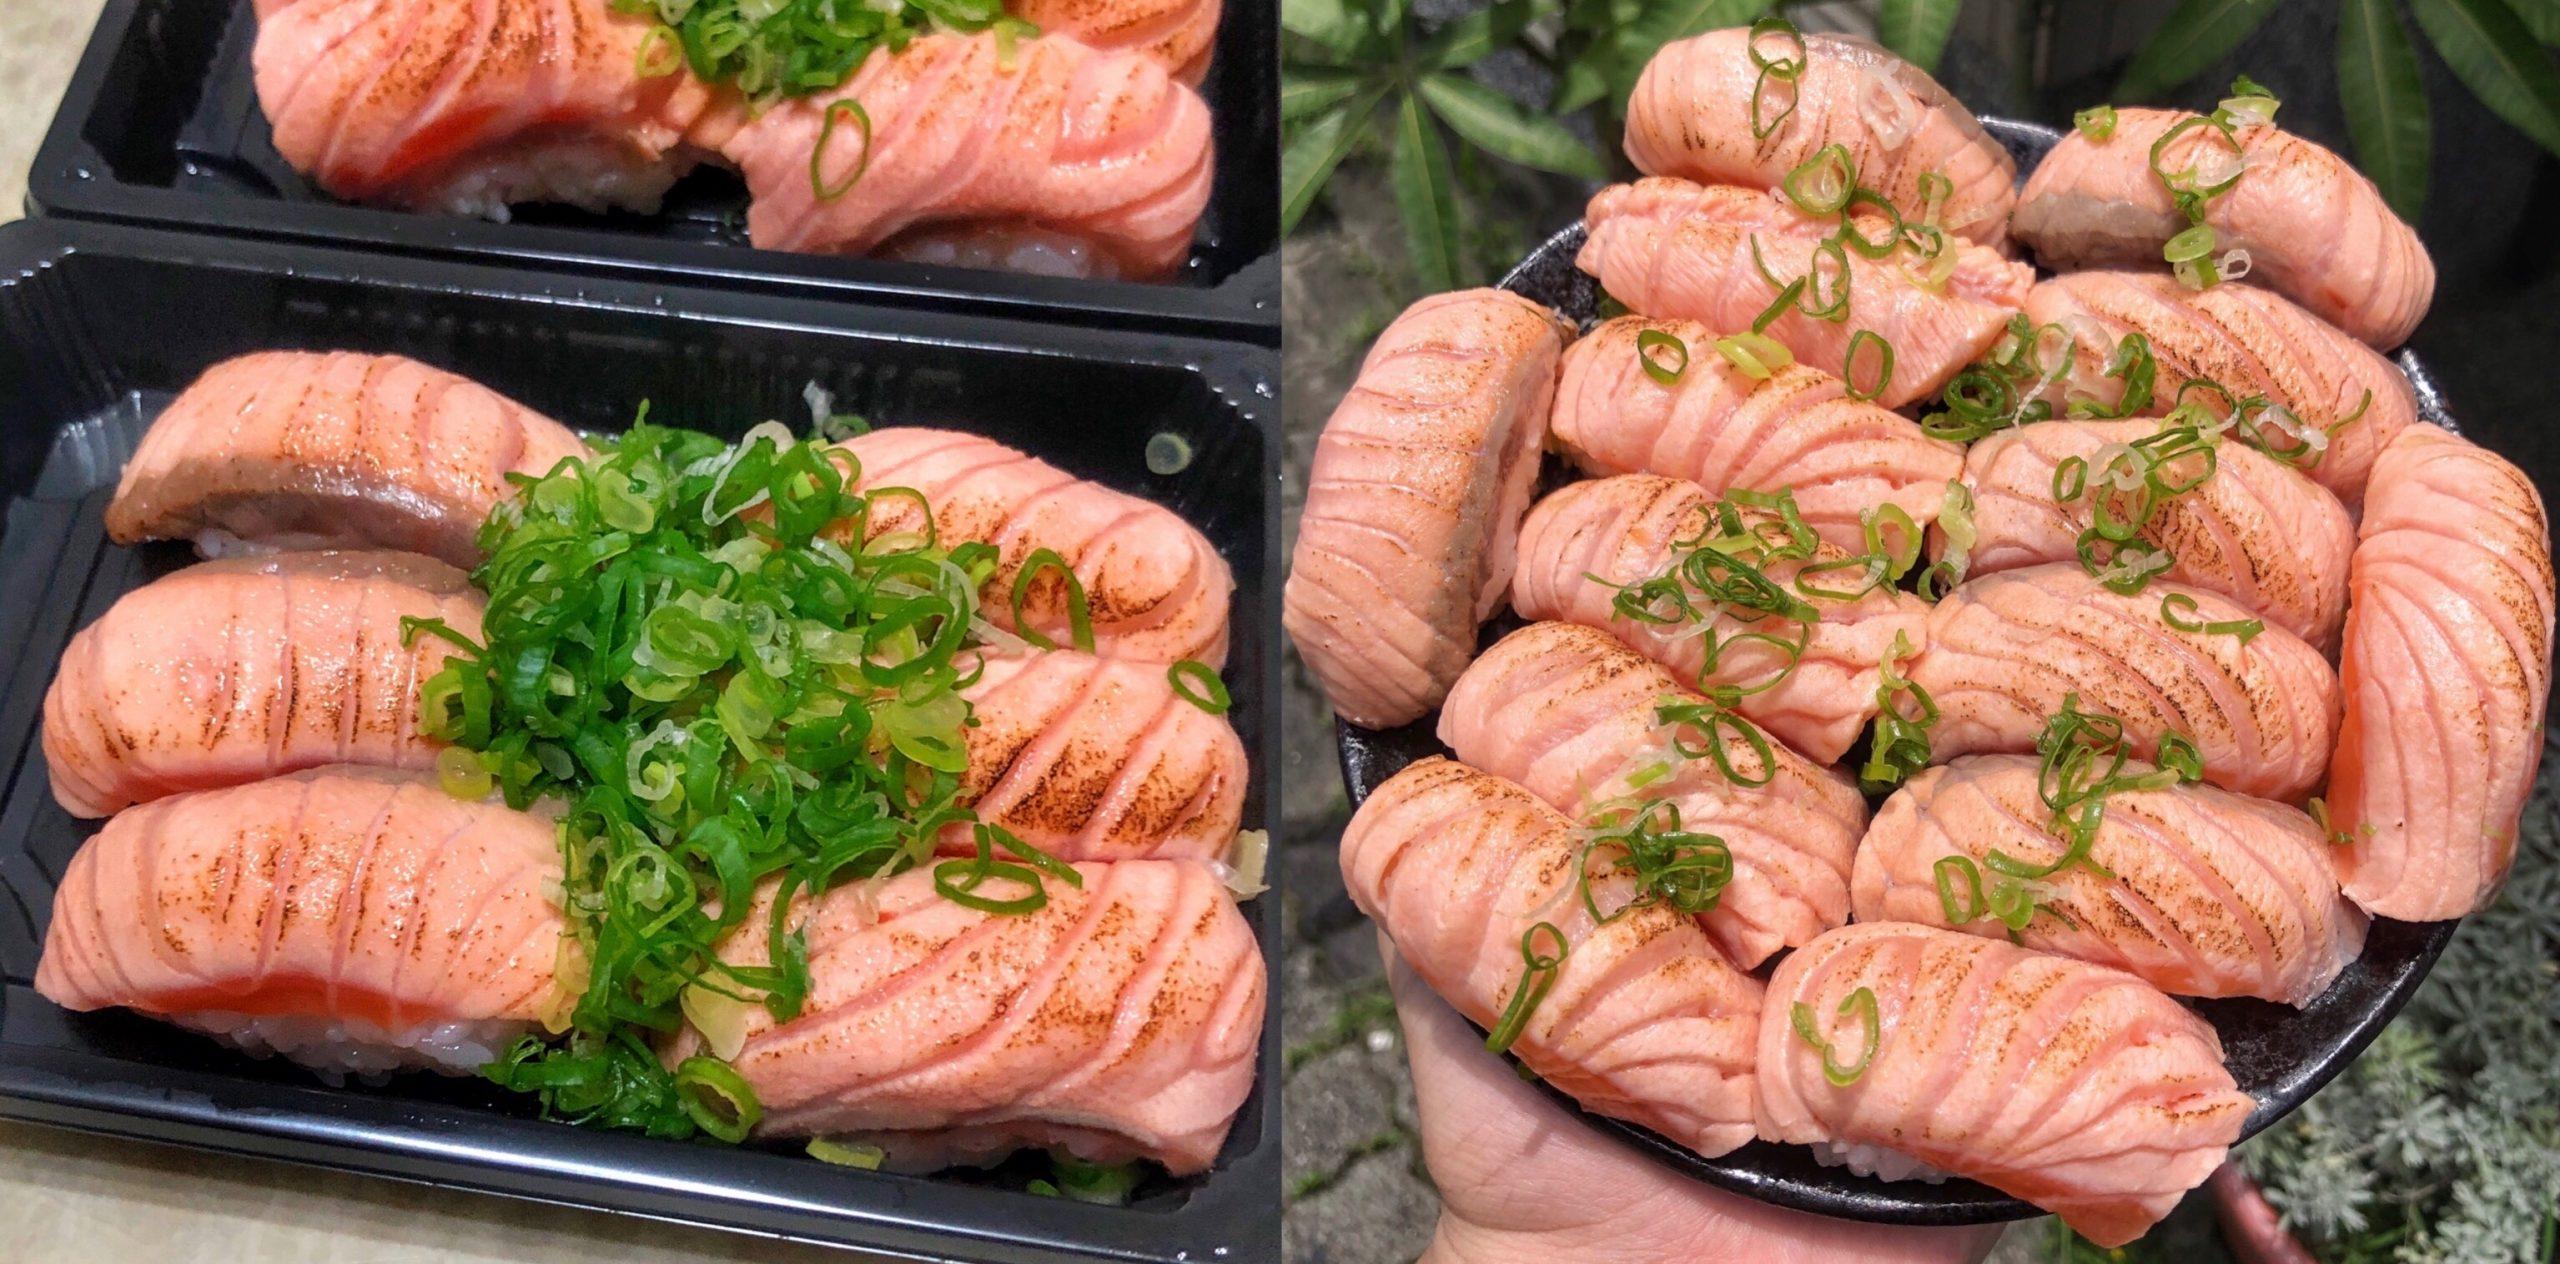 【一週只開四天】台南超俗的16元炙燒鮭魚壽司!! 6貫只要100元 便宜又好吃│友愛市場│立吞壽司│台南美食